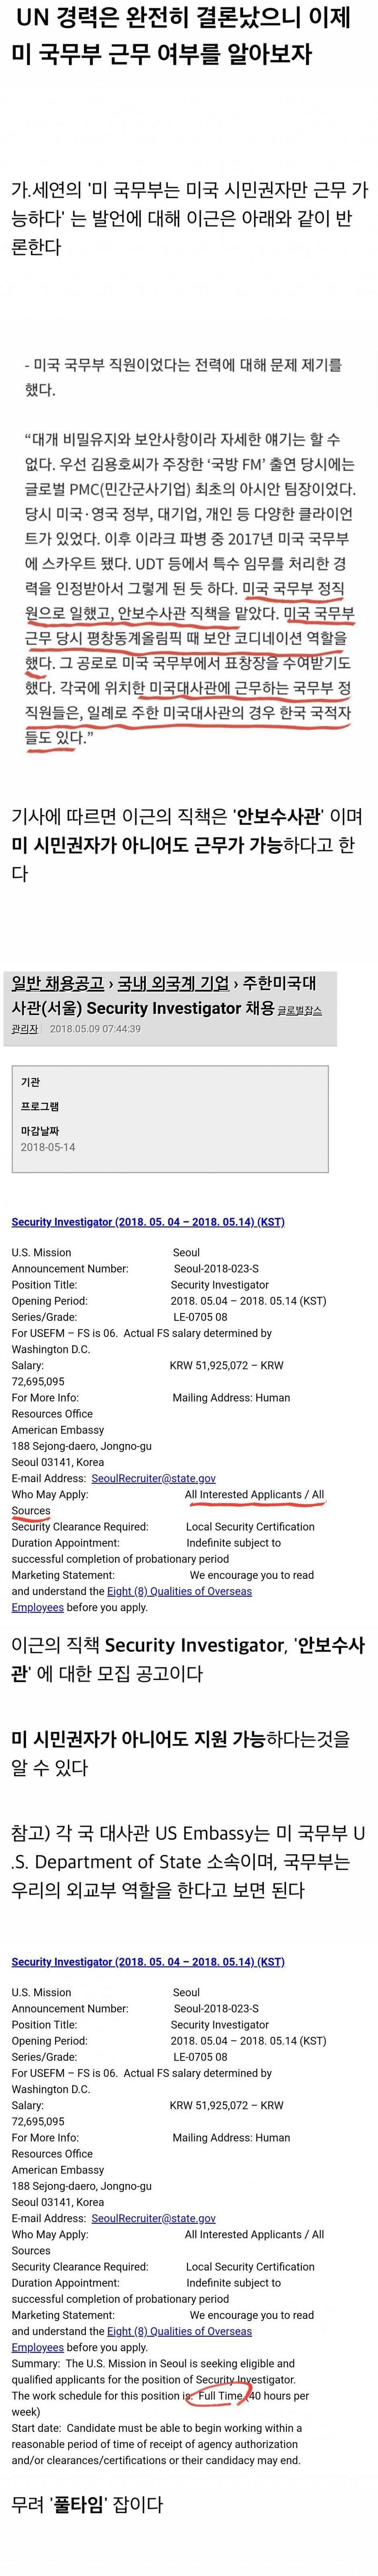 G1.jpg 이근대위 미 국무부 근무사실 팩트